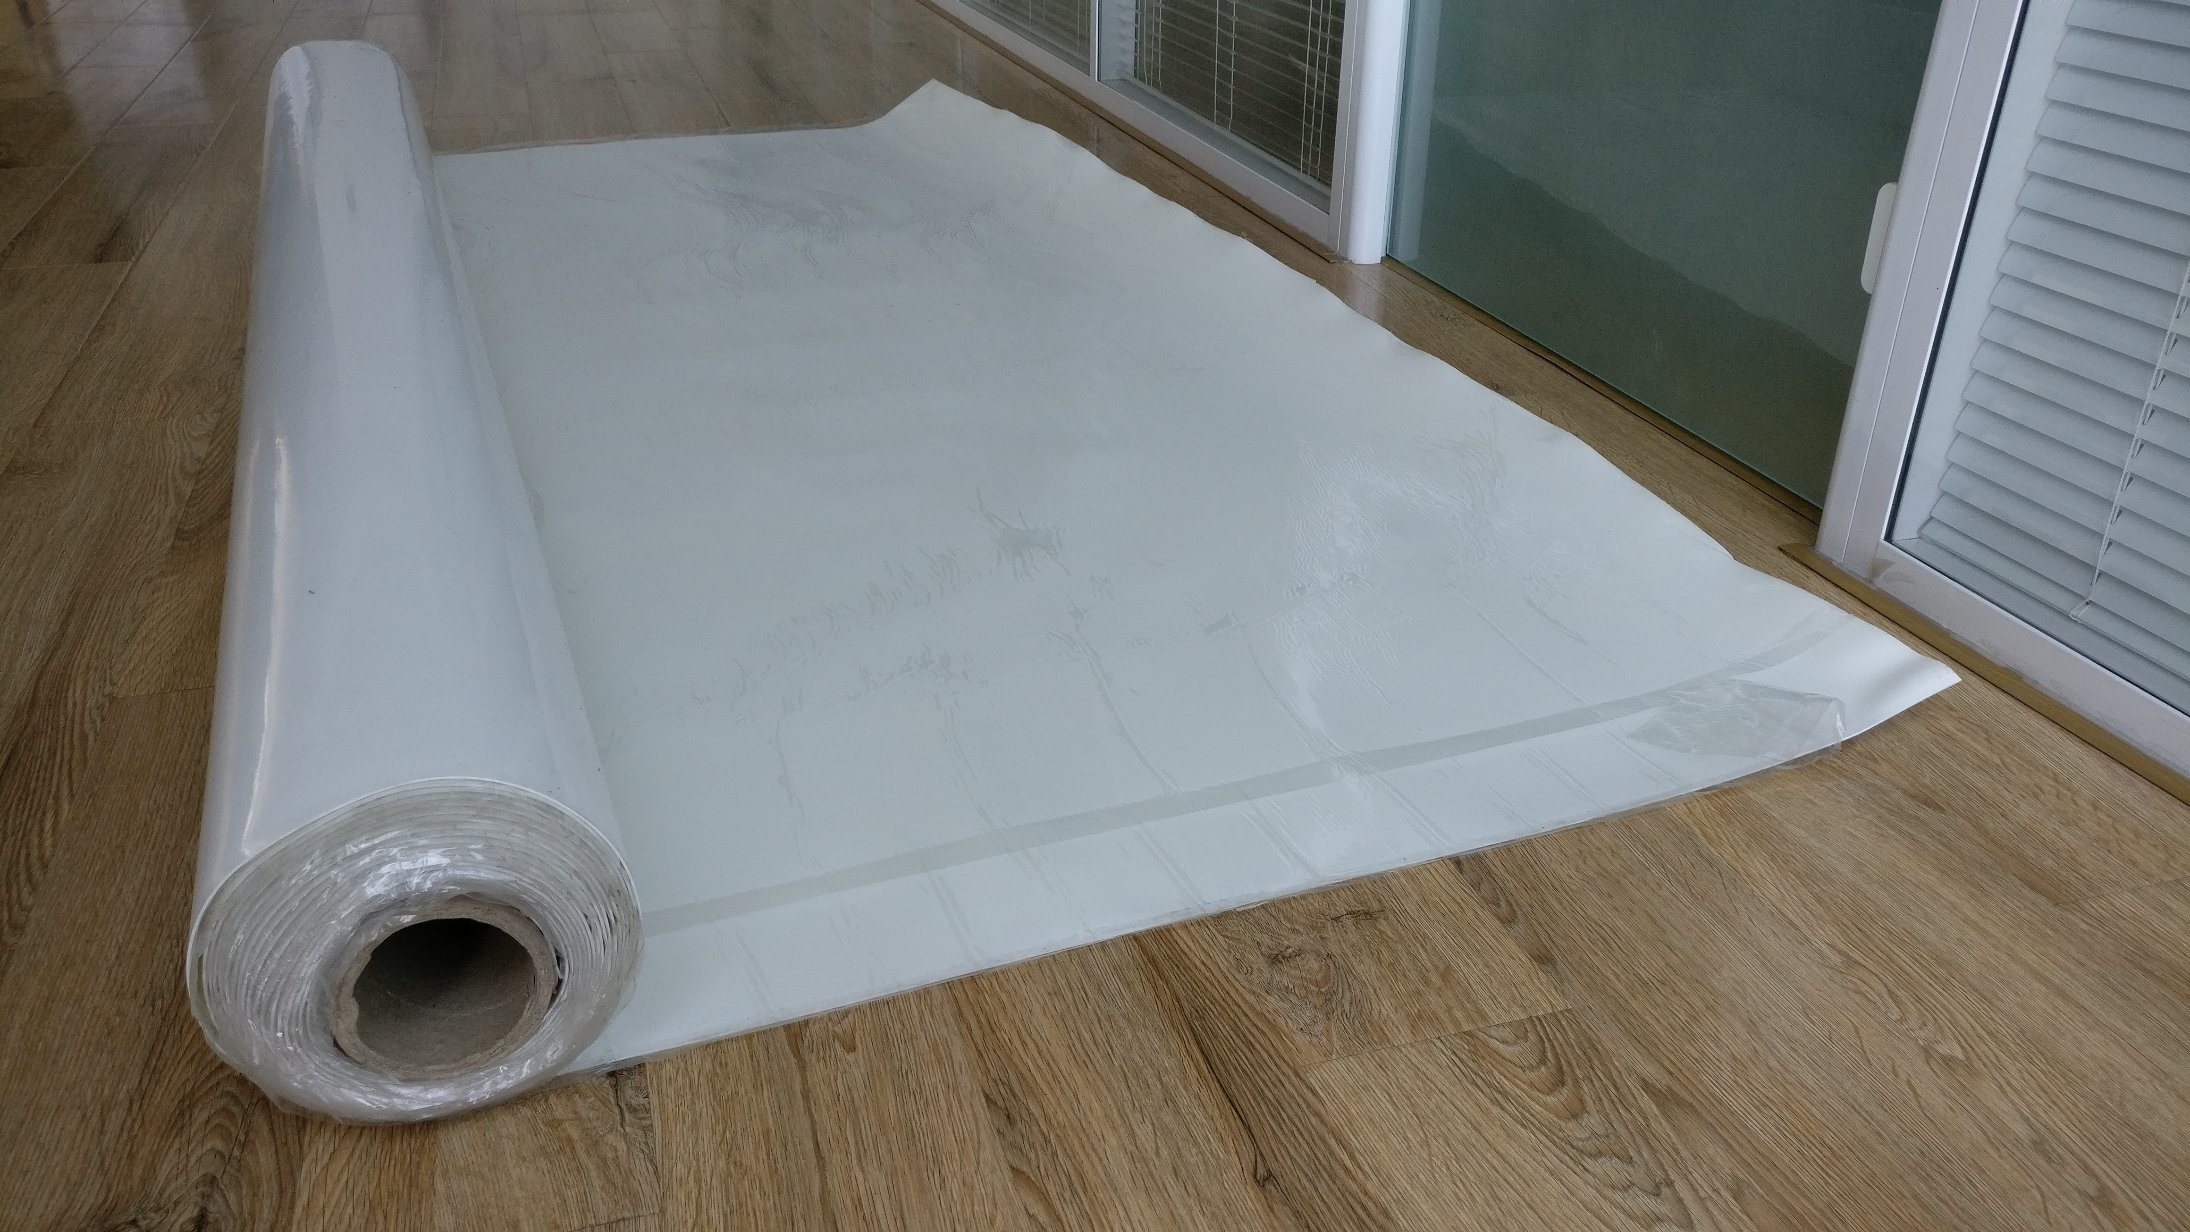 HDPE Pre Applied Self Adhesive Waterproof Membrane 1.2mm--2.0mm